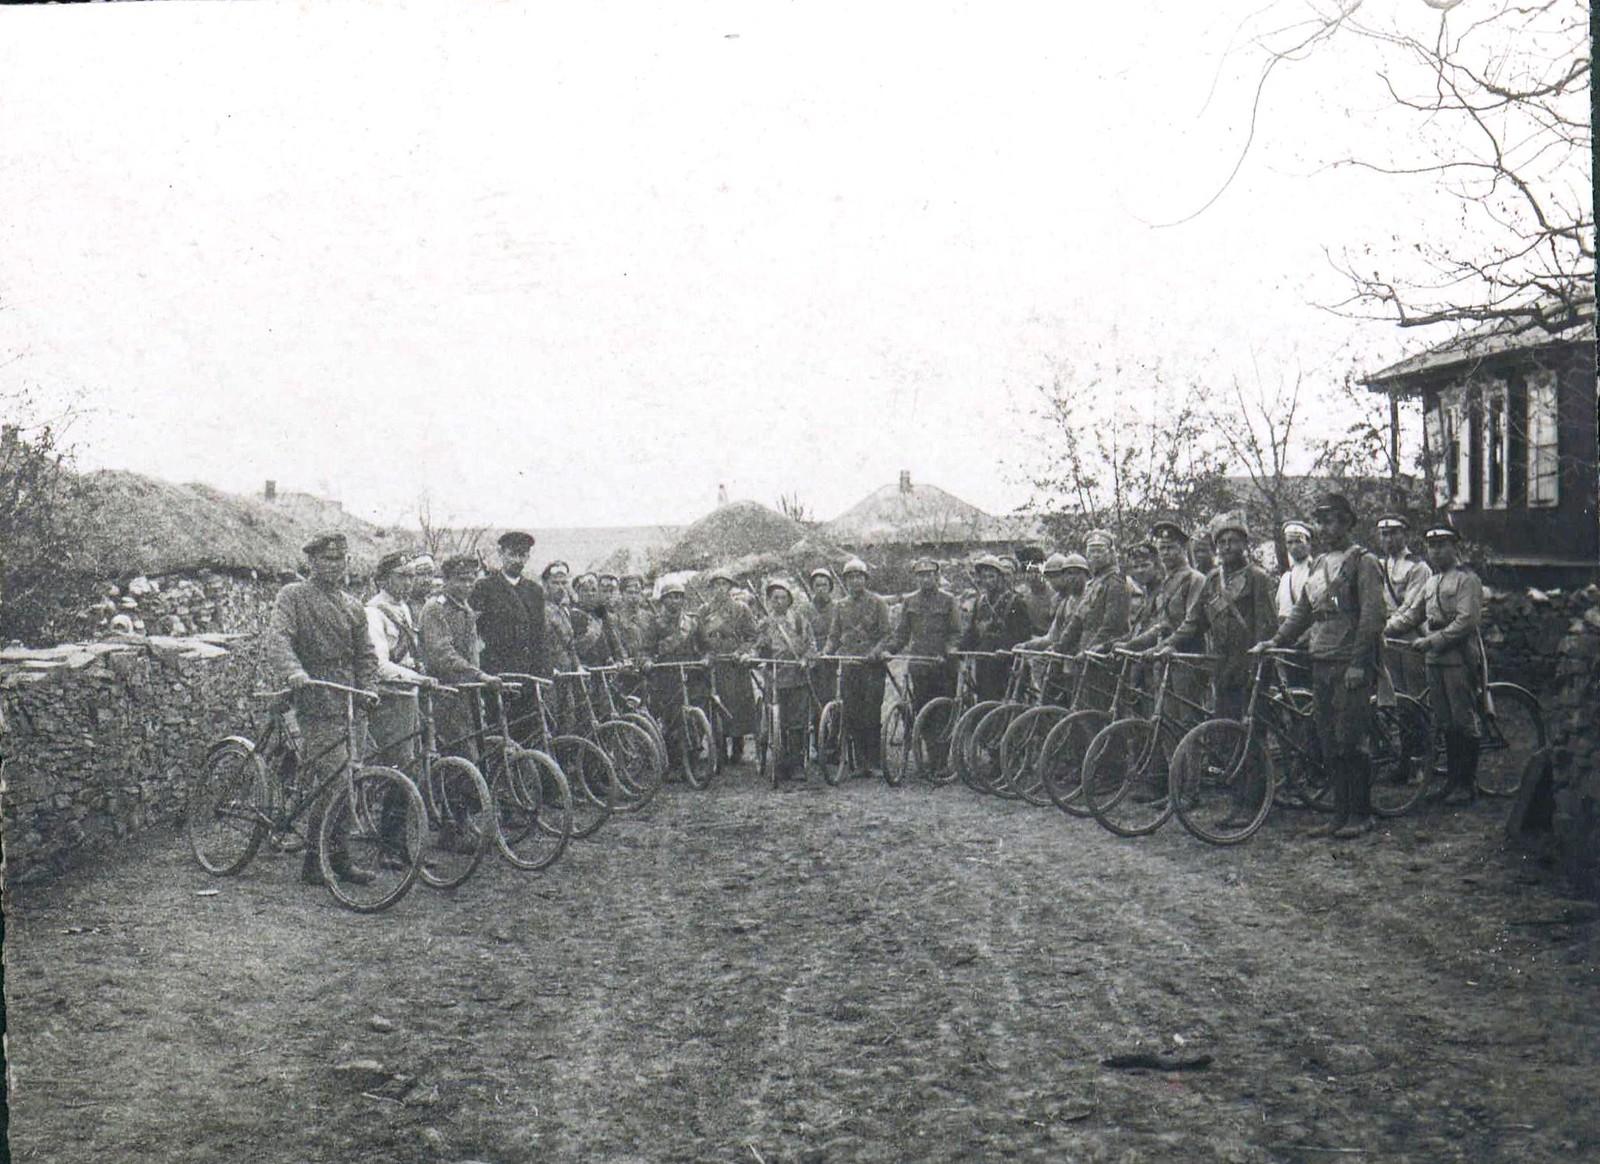 341. 1919. 2-й Офицерский генерала Дроздовского стрелковый полк